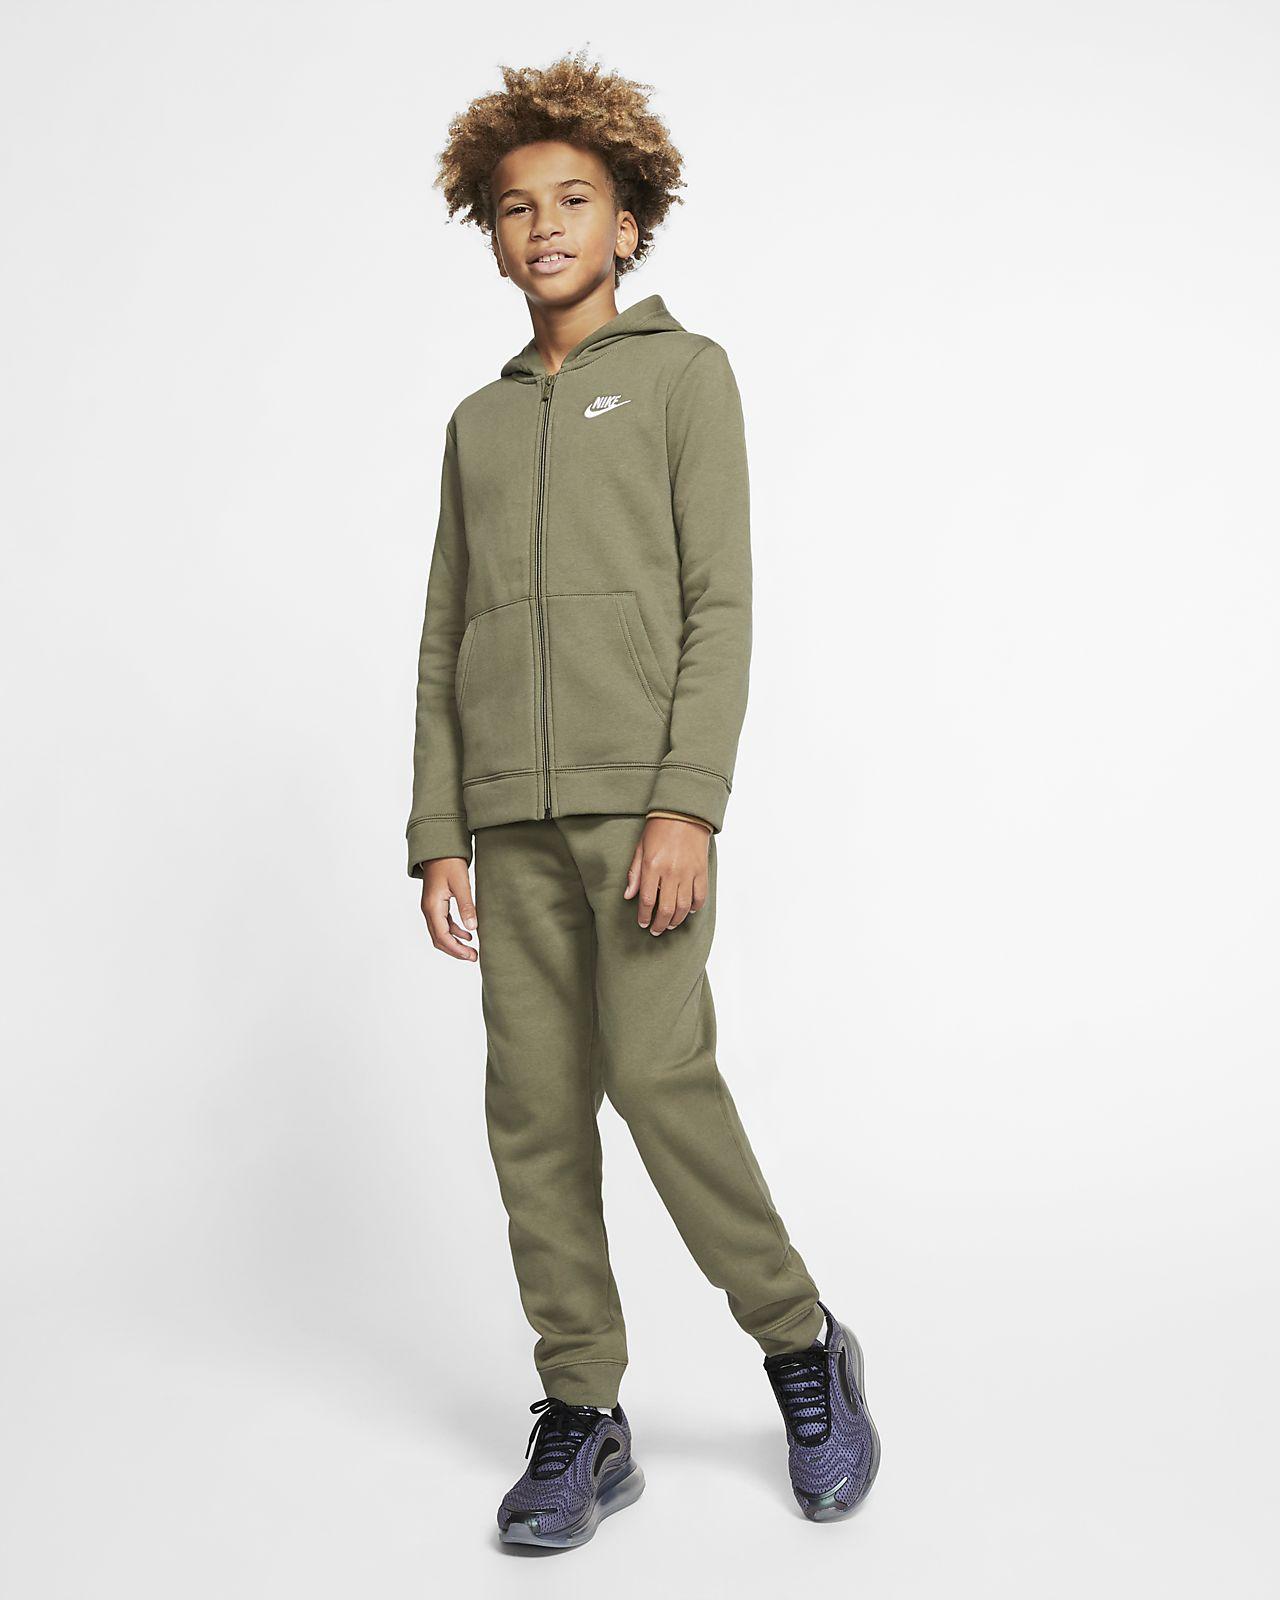 vívido y de gran estilo descuento hasta 60% zapatos de otoño Nike Sportswear Chándal - Niño